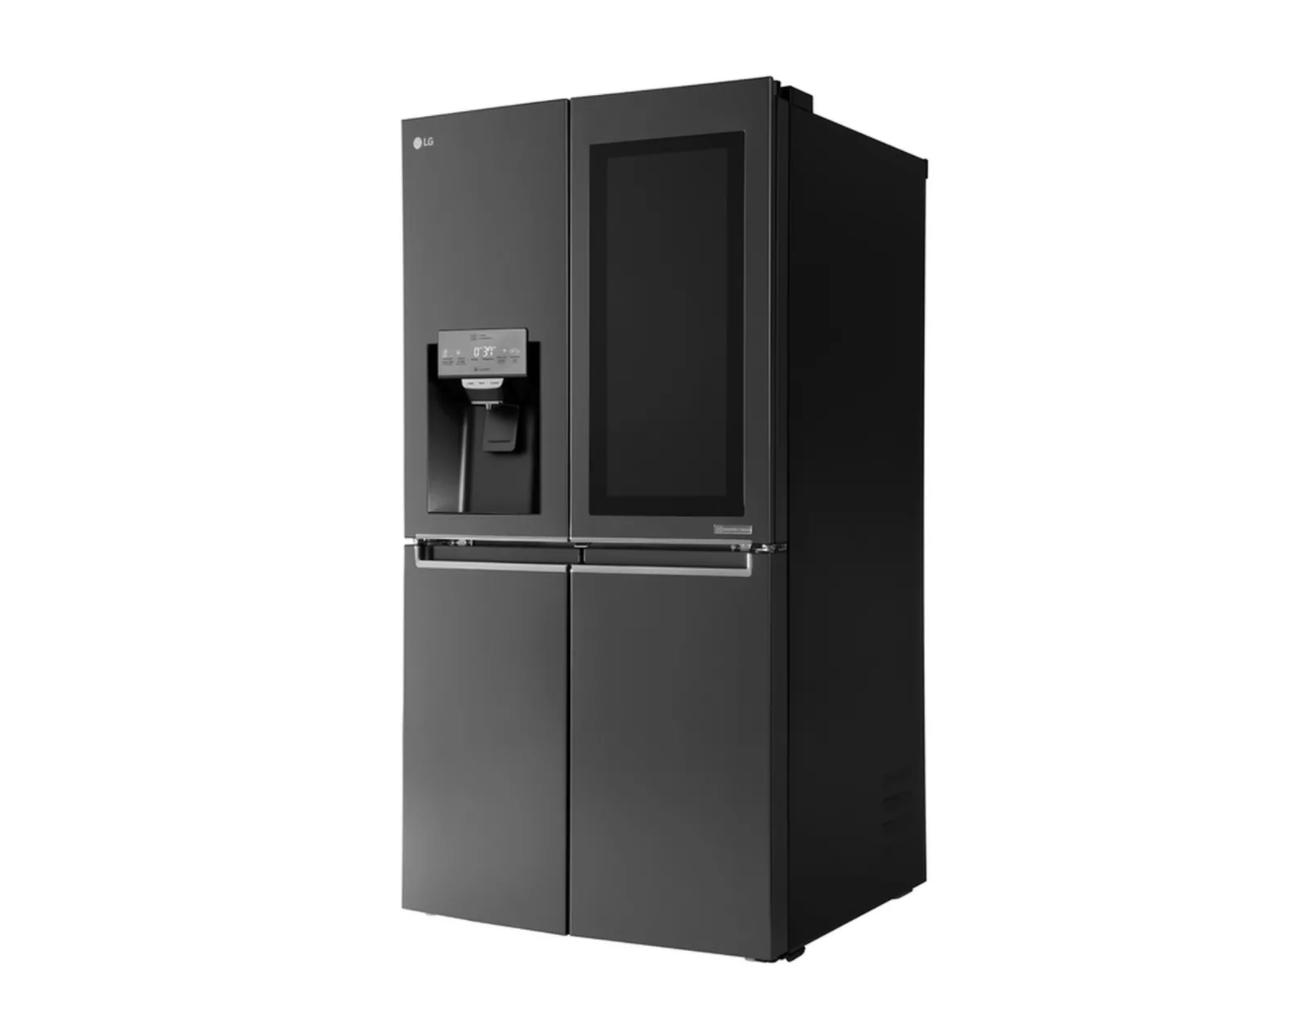 lg thinq kitchen alexa connecte votre cuisine le r frig rateur envoie des recettes votre. Black Bedroom Furniture Sets. Home Design Ideas